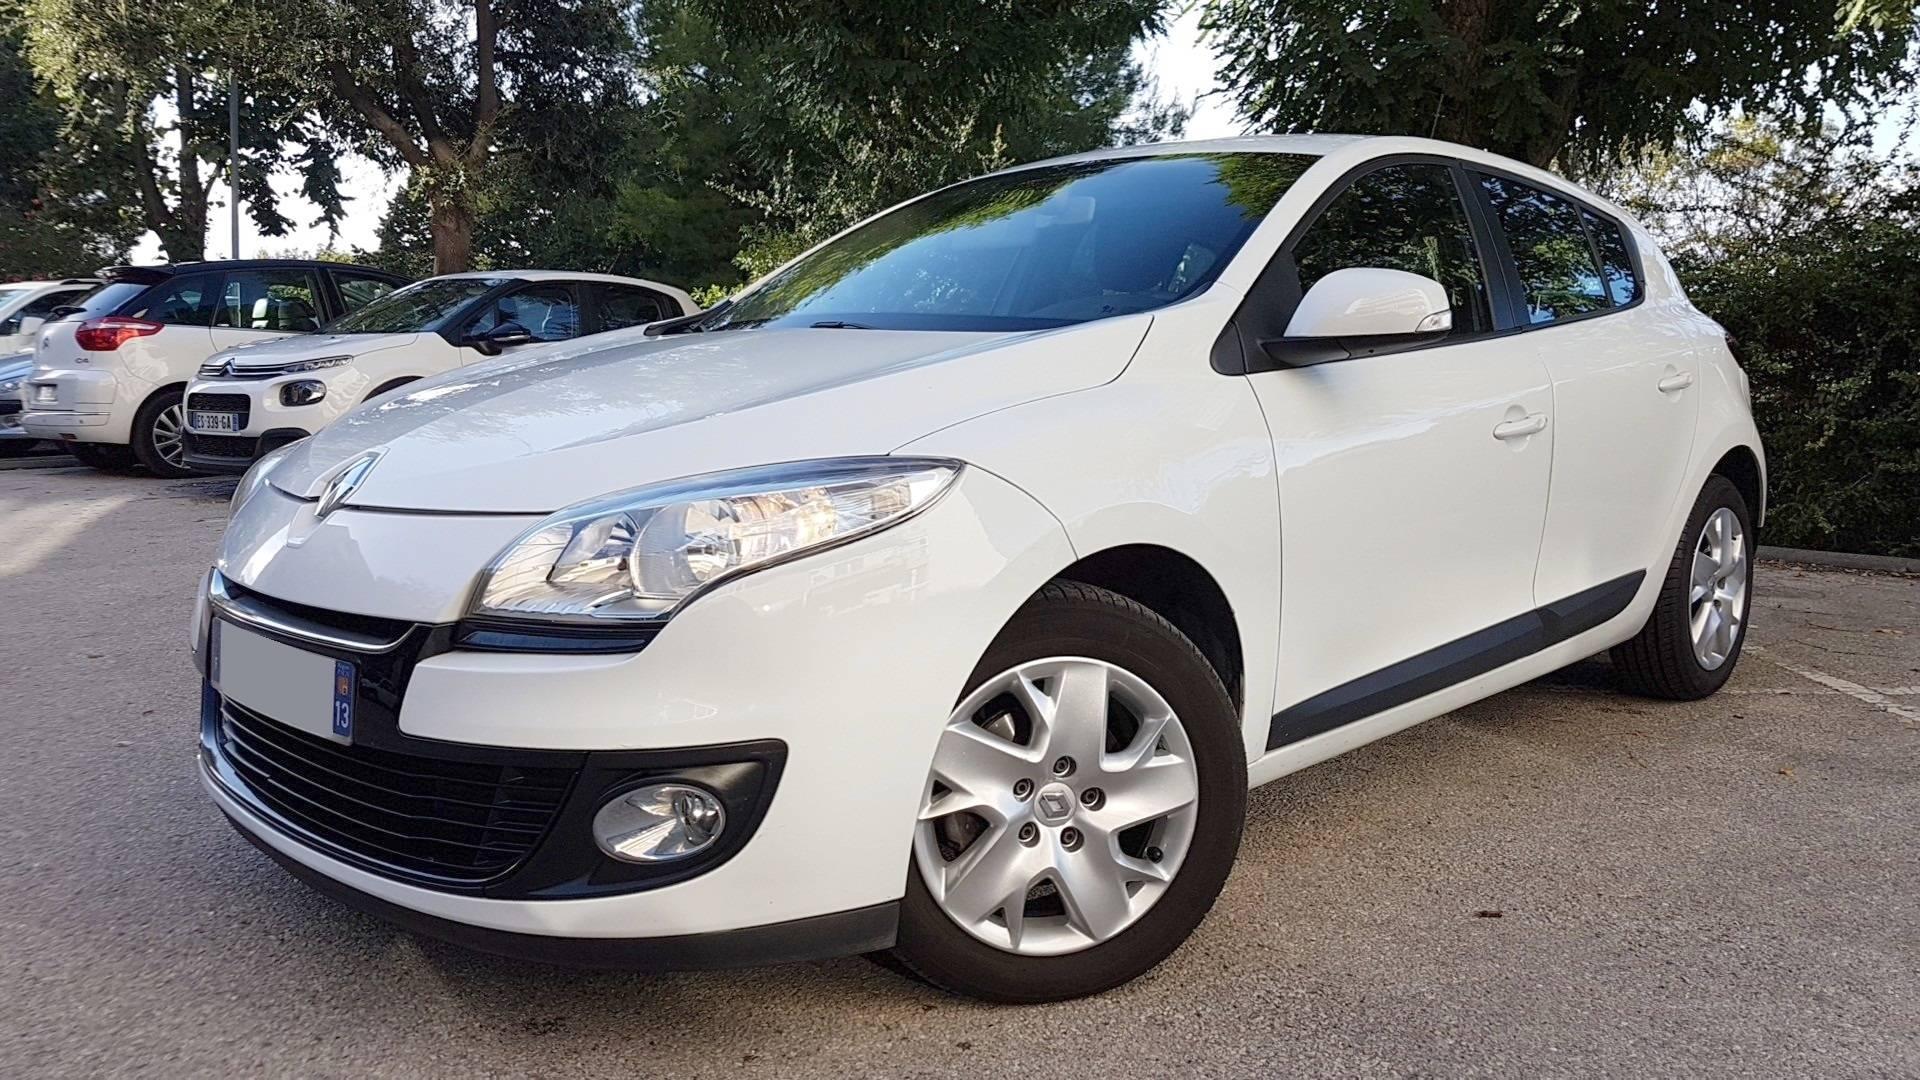 Renault megane d 39 occasion 1 5 dci 90 authentique marseille - Acheter une voiture d occasion dans un garage ...